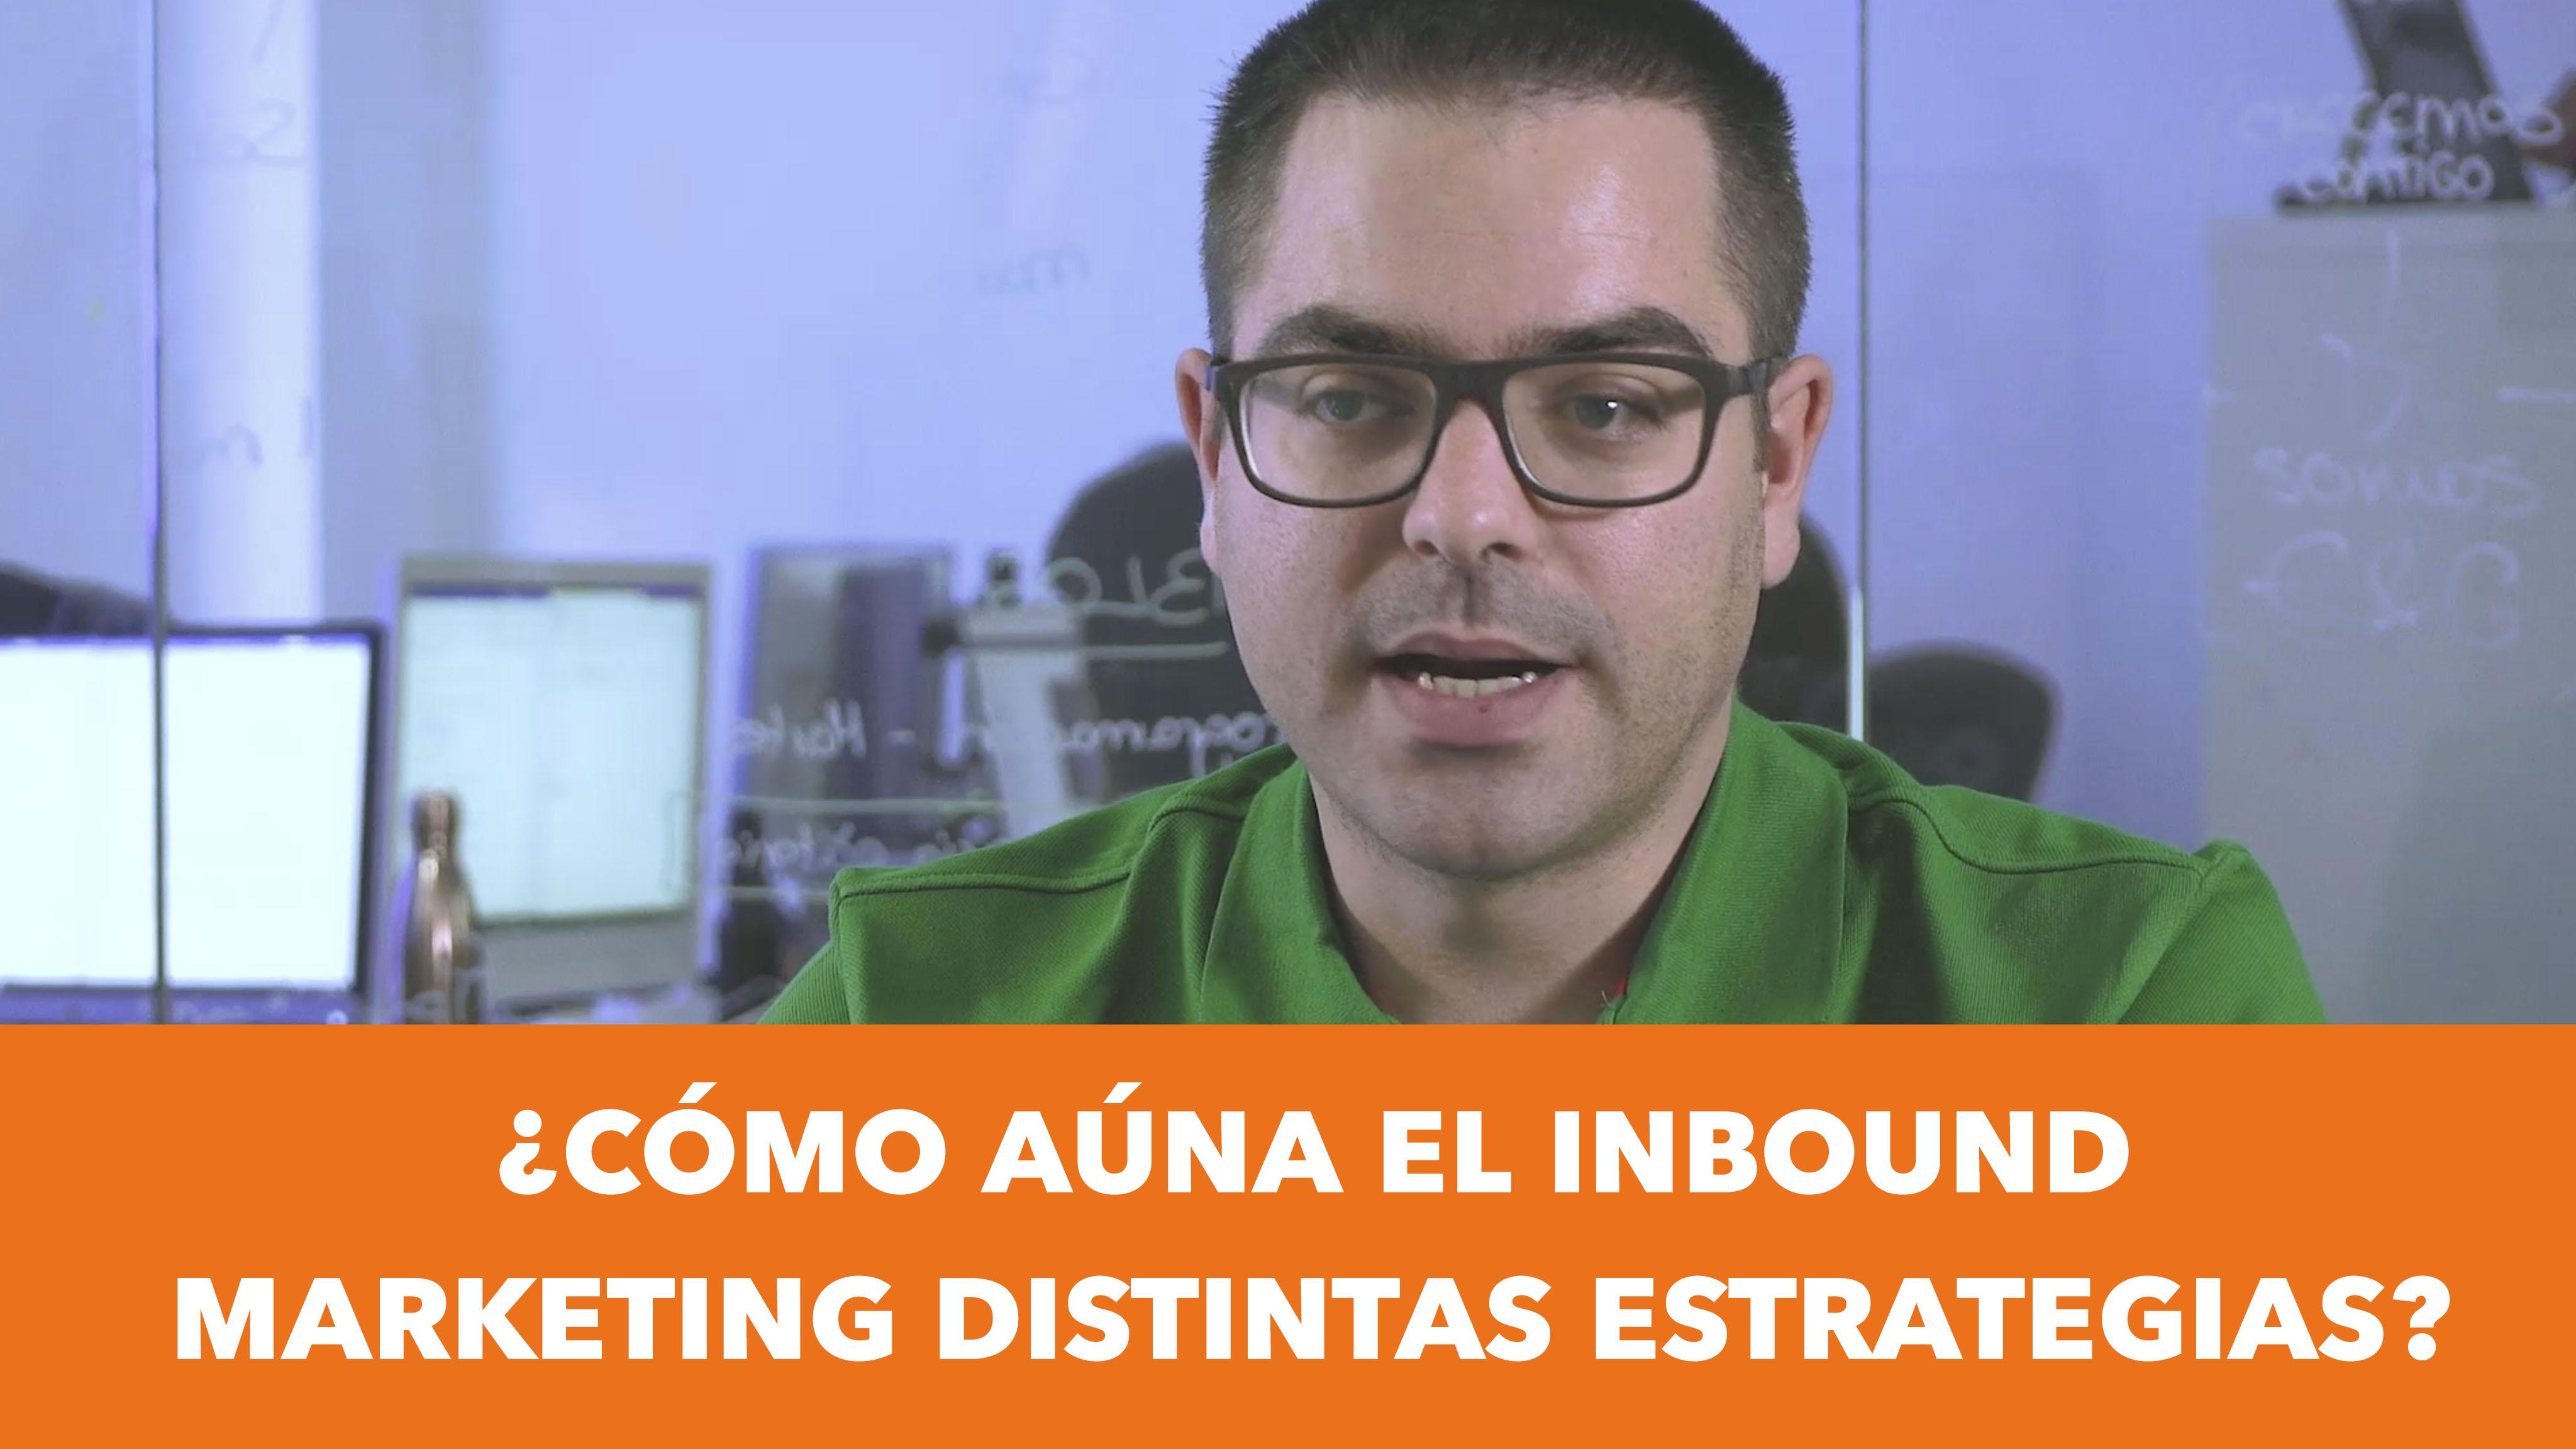 5. Lo que sucede cuando combinas todas tus acciones de marketing en Inbound